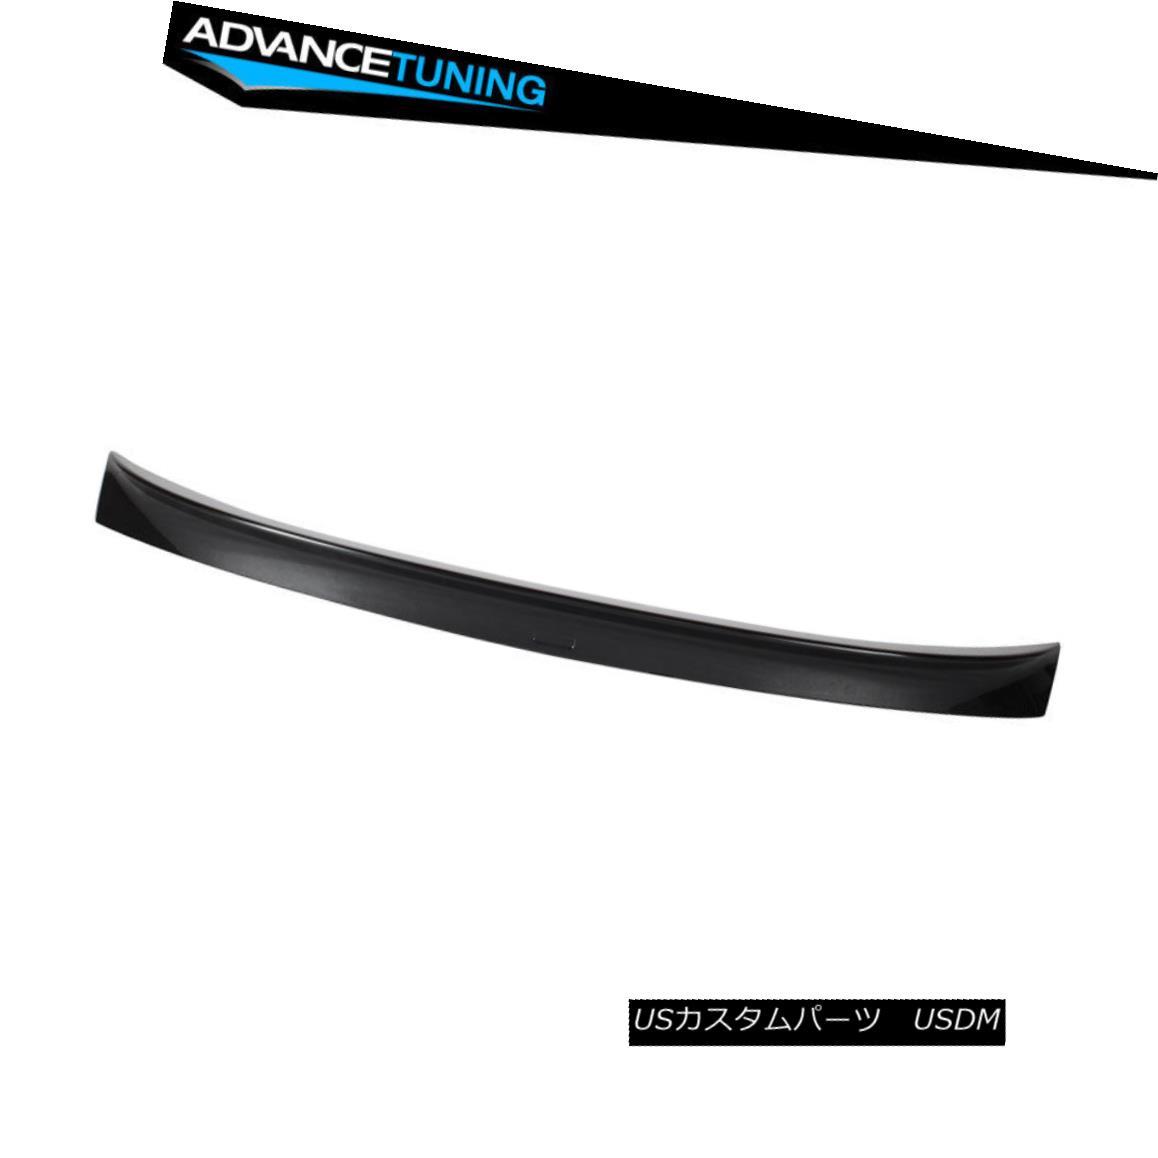 エアロパーツ Fits 11-16 5 Series F10 AC Trunk Spoiler OEM Painted #A90 Dark Graphite Metallic フィット11-16 5シリーズF10 ACトランクスポイラーOEM塗装#A90ダークグラファイトメタリック